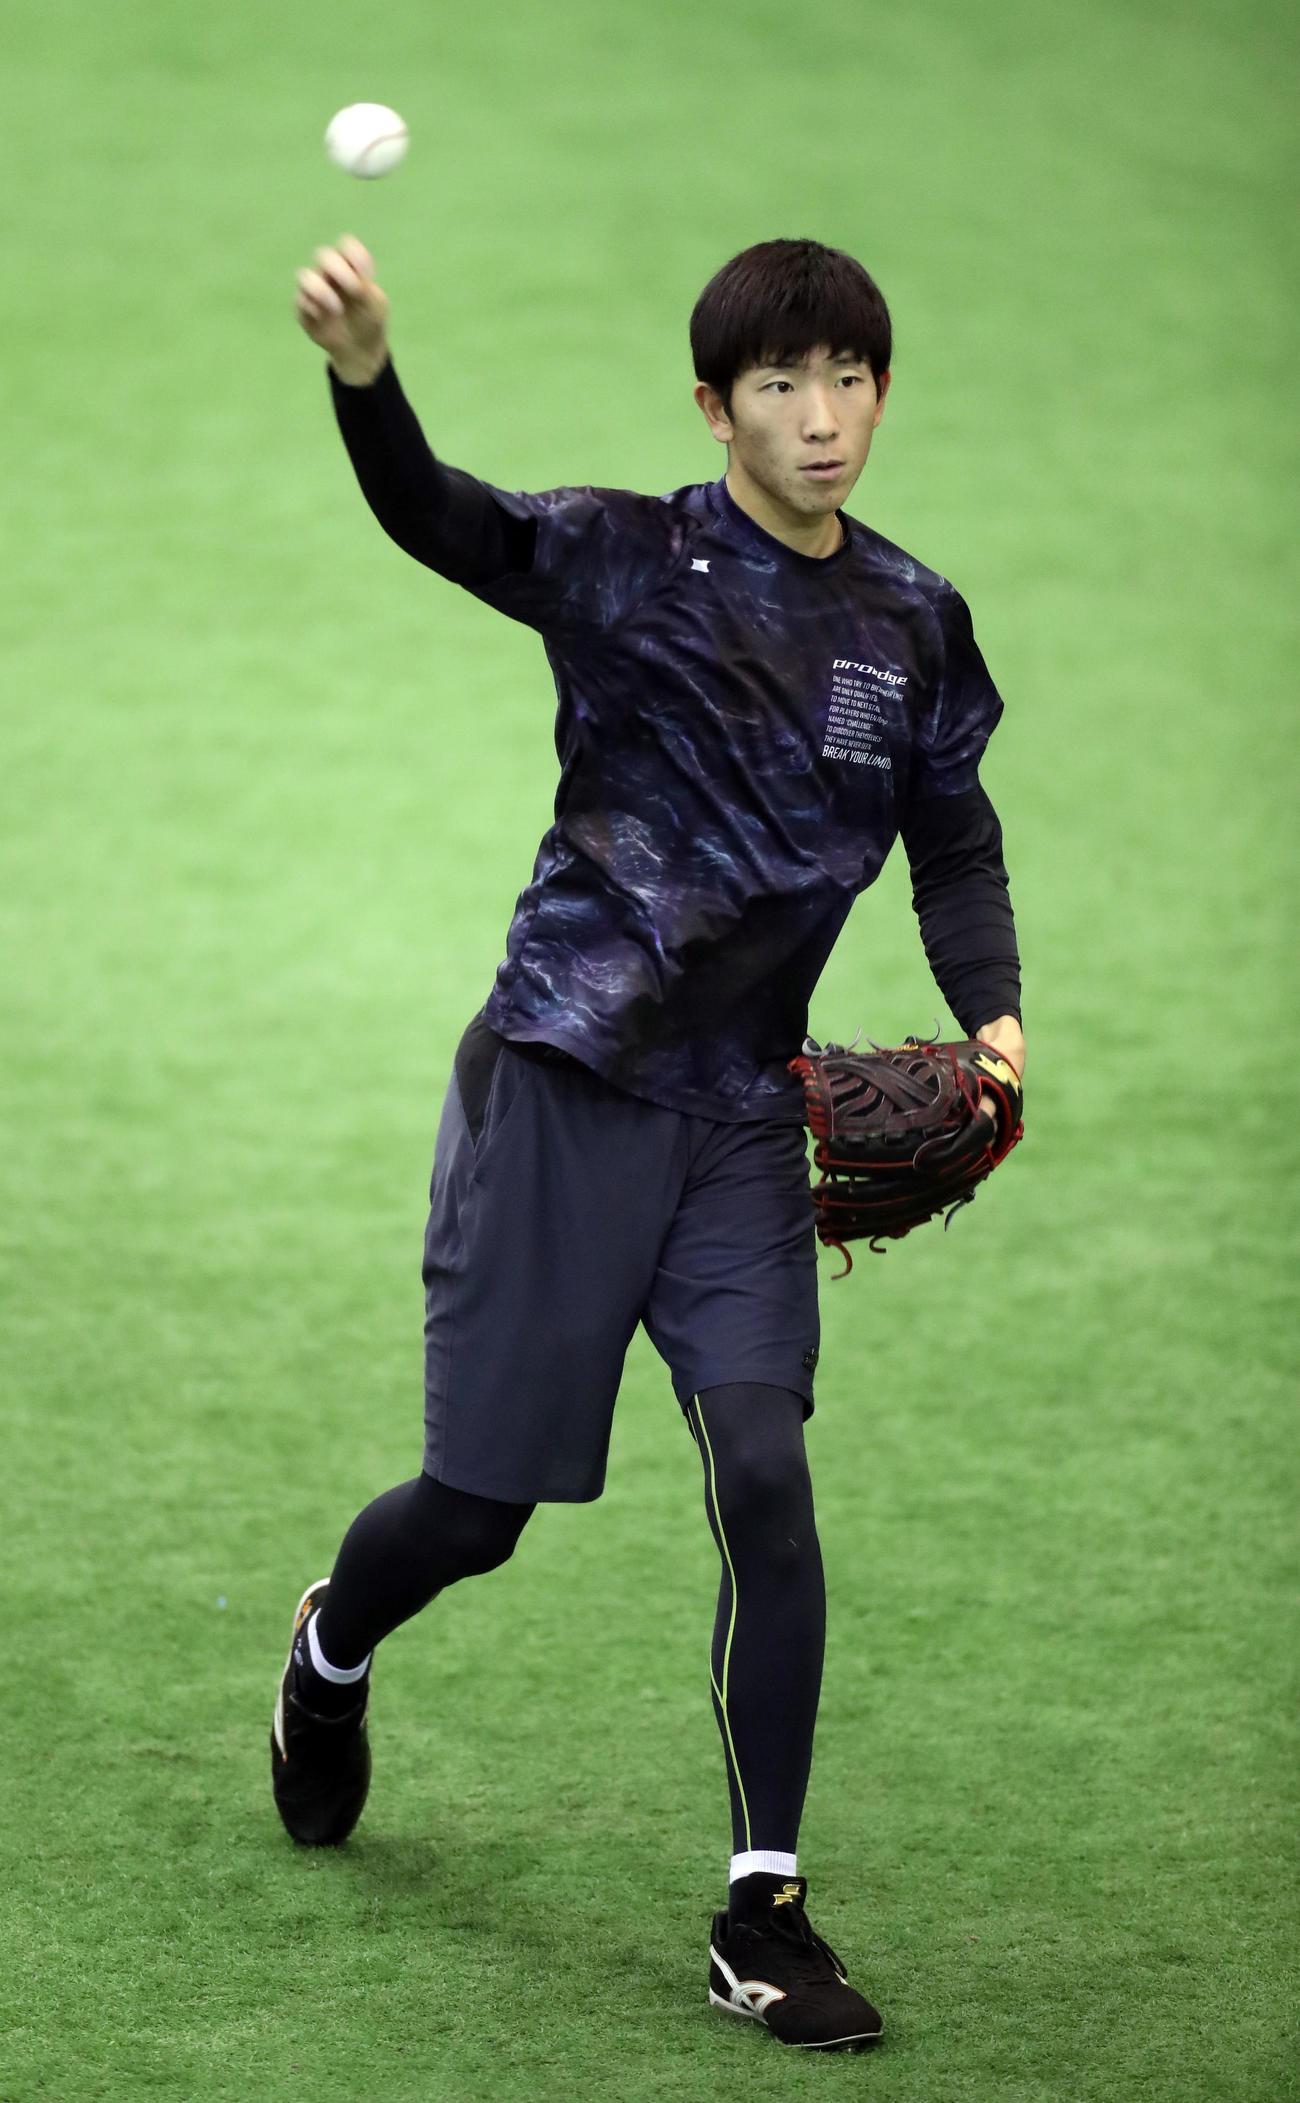 キャッチボールする戸郷(撮影・浅見桂子)